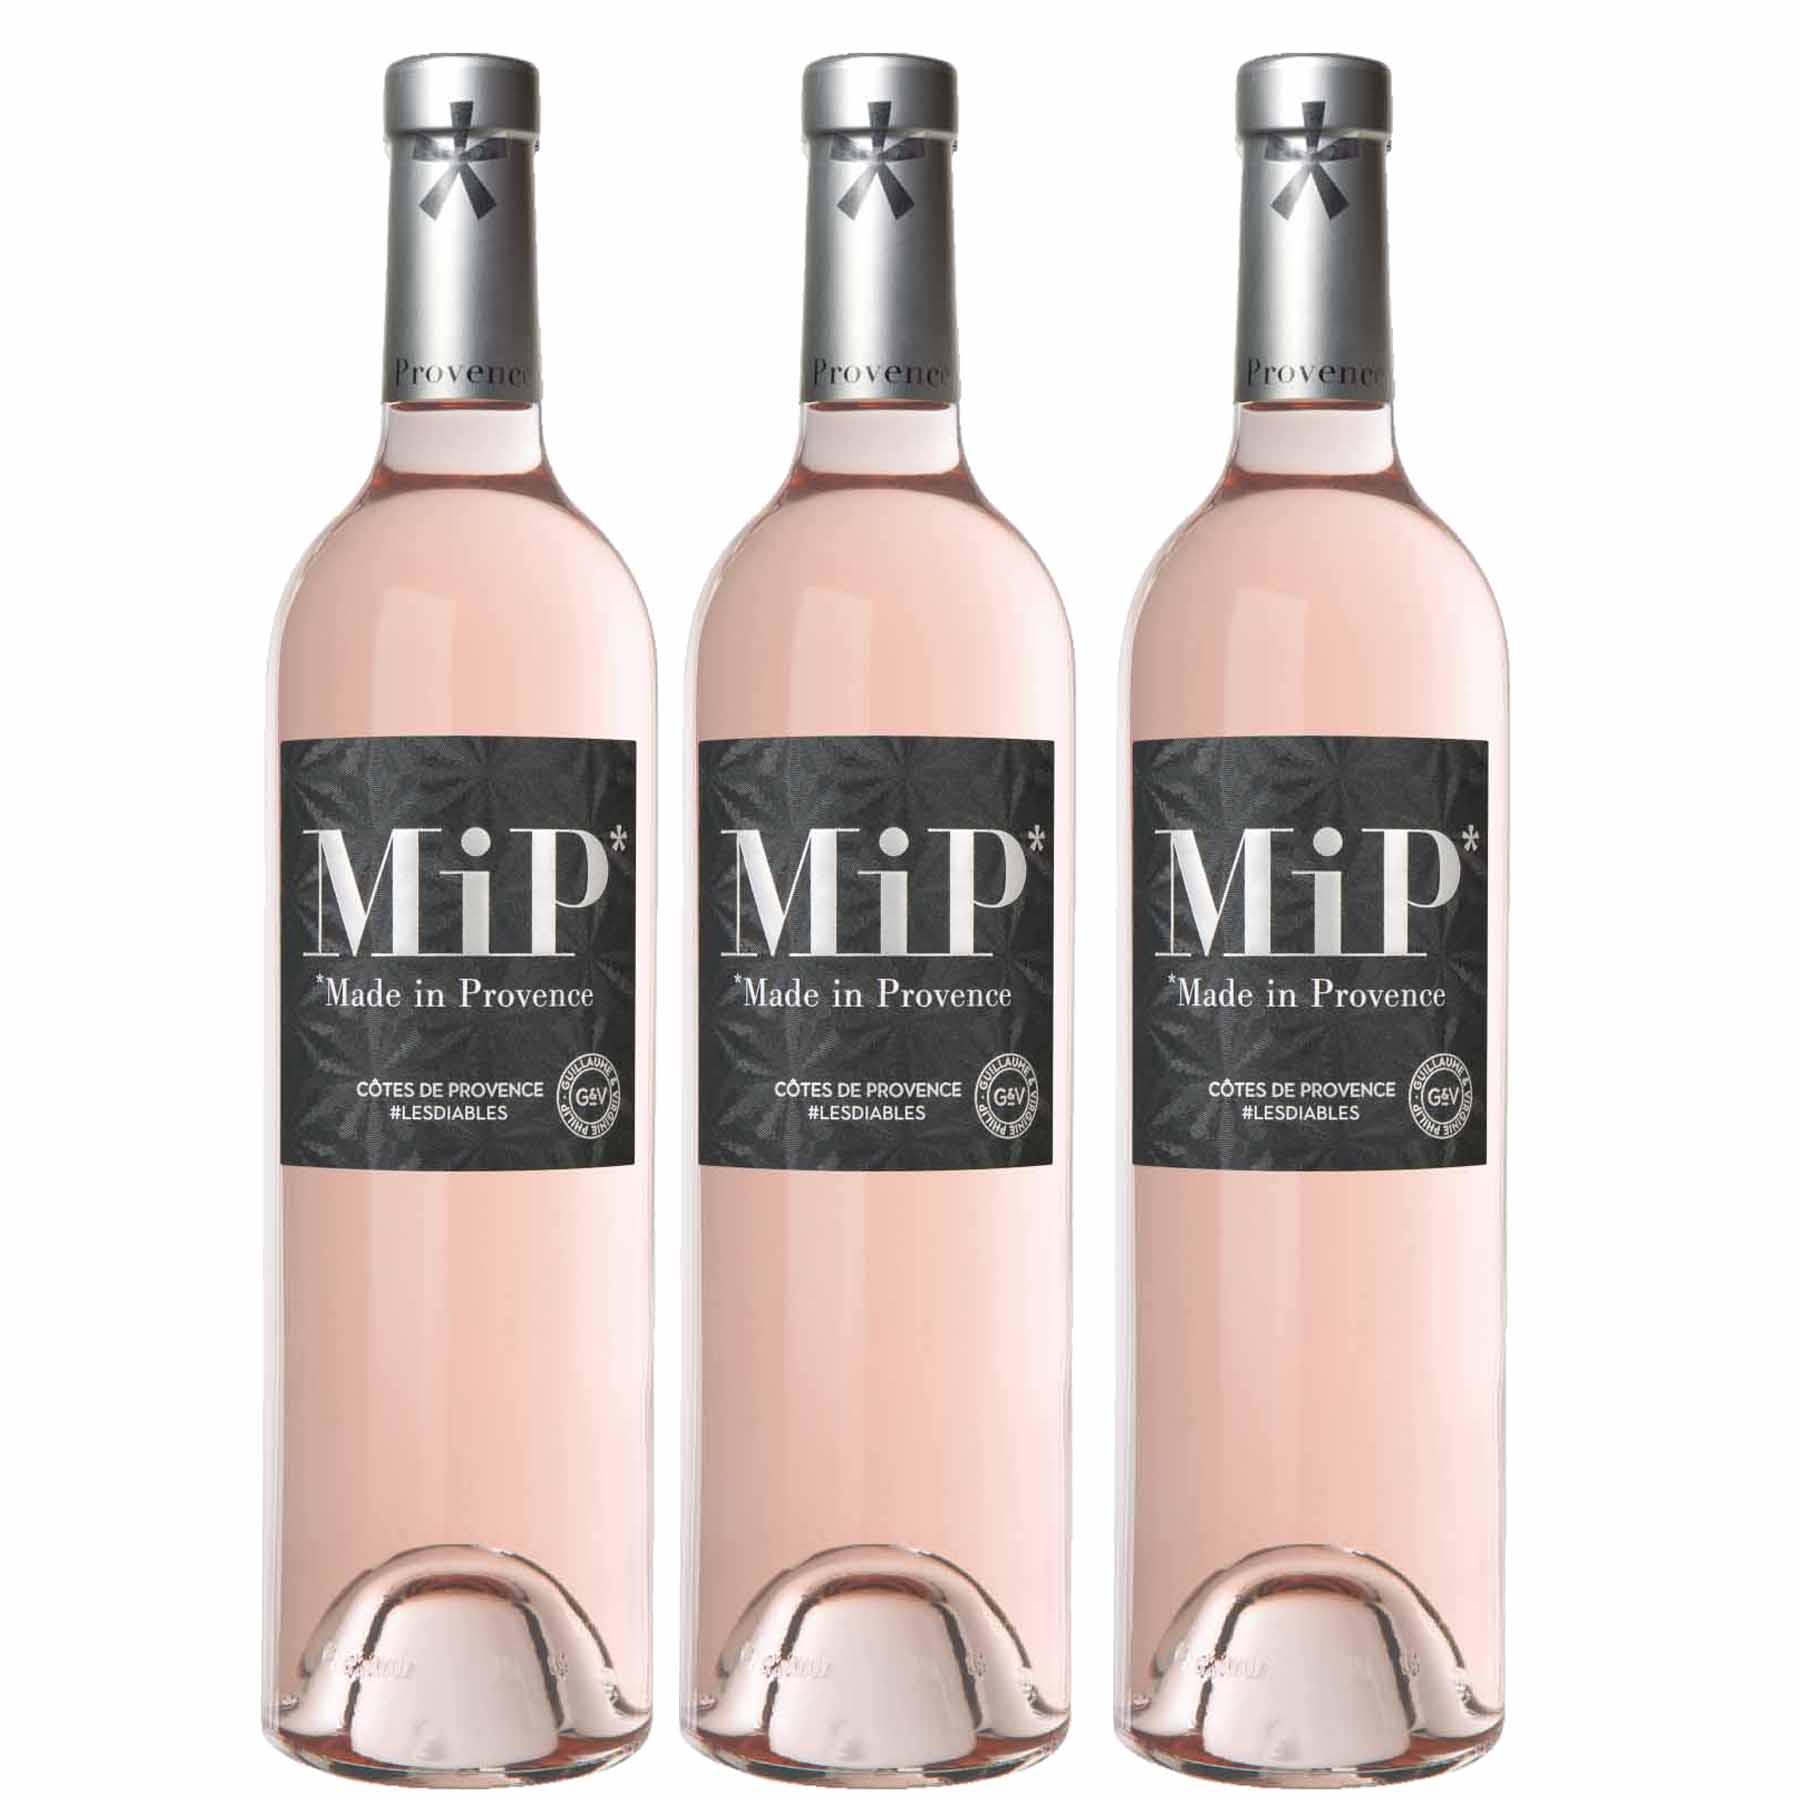 Kit 3x Vinho Rosé Francês MIP Classic Côtes de Provence 2019